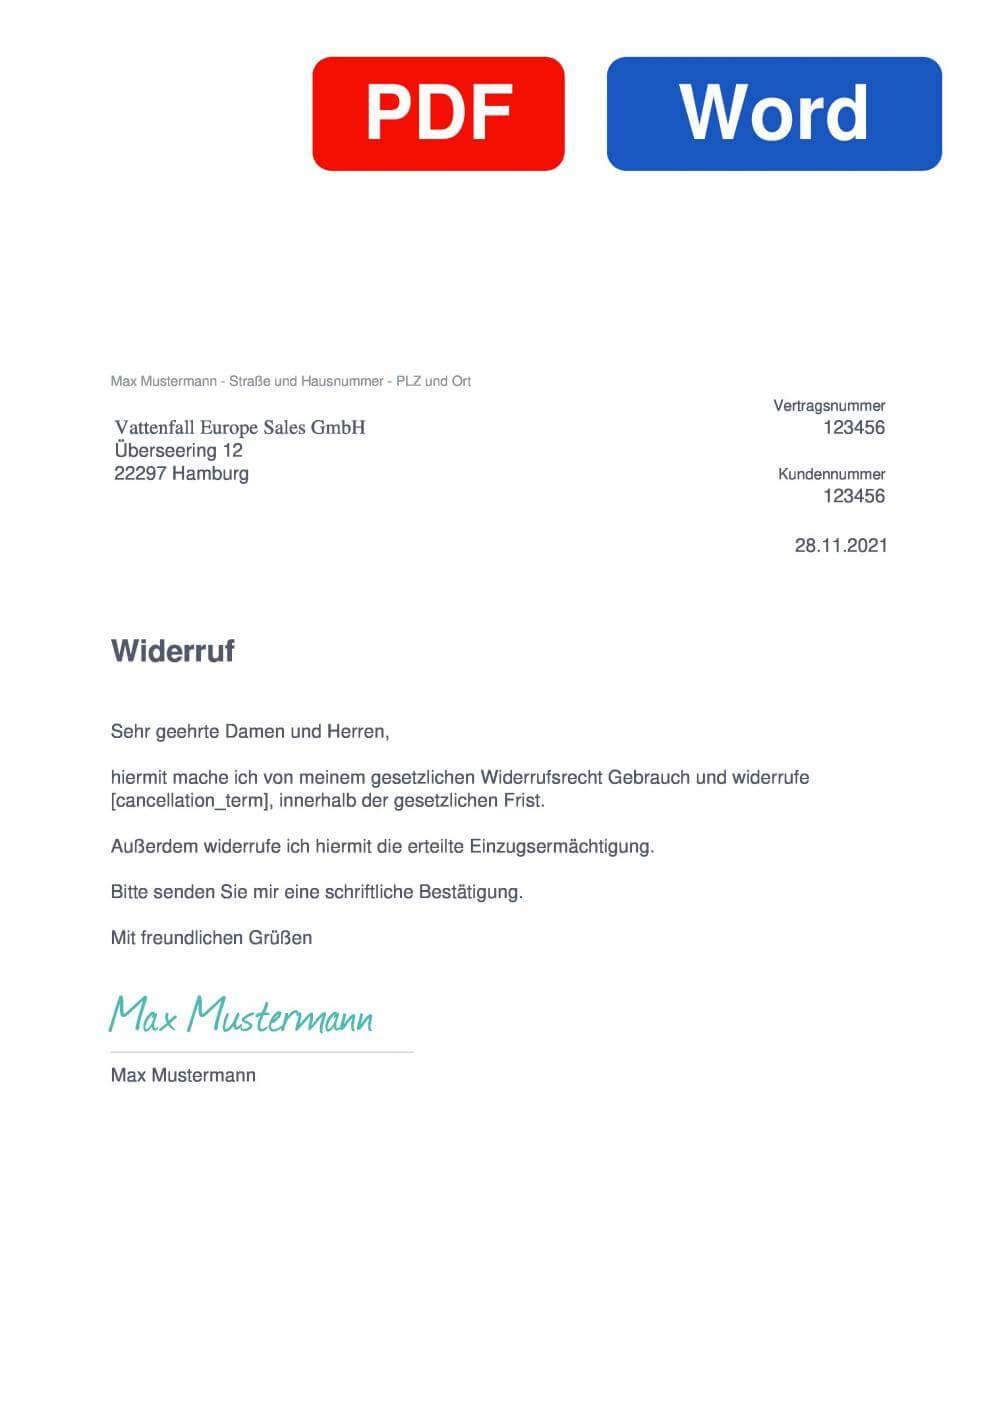 Vattenfall Strom Muster Vorlage für Wiederrufsschreiben